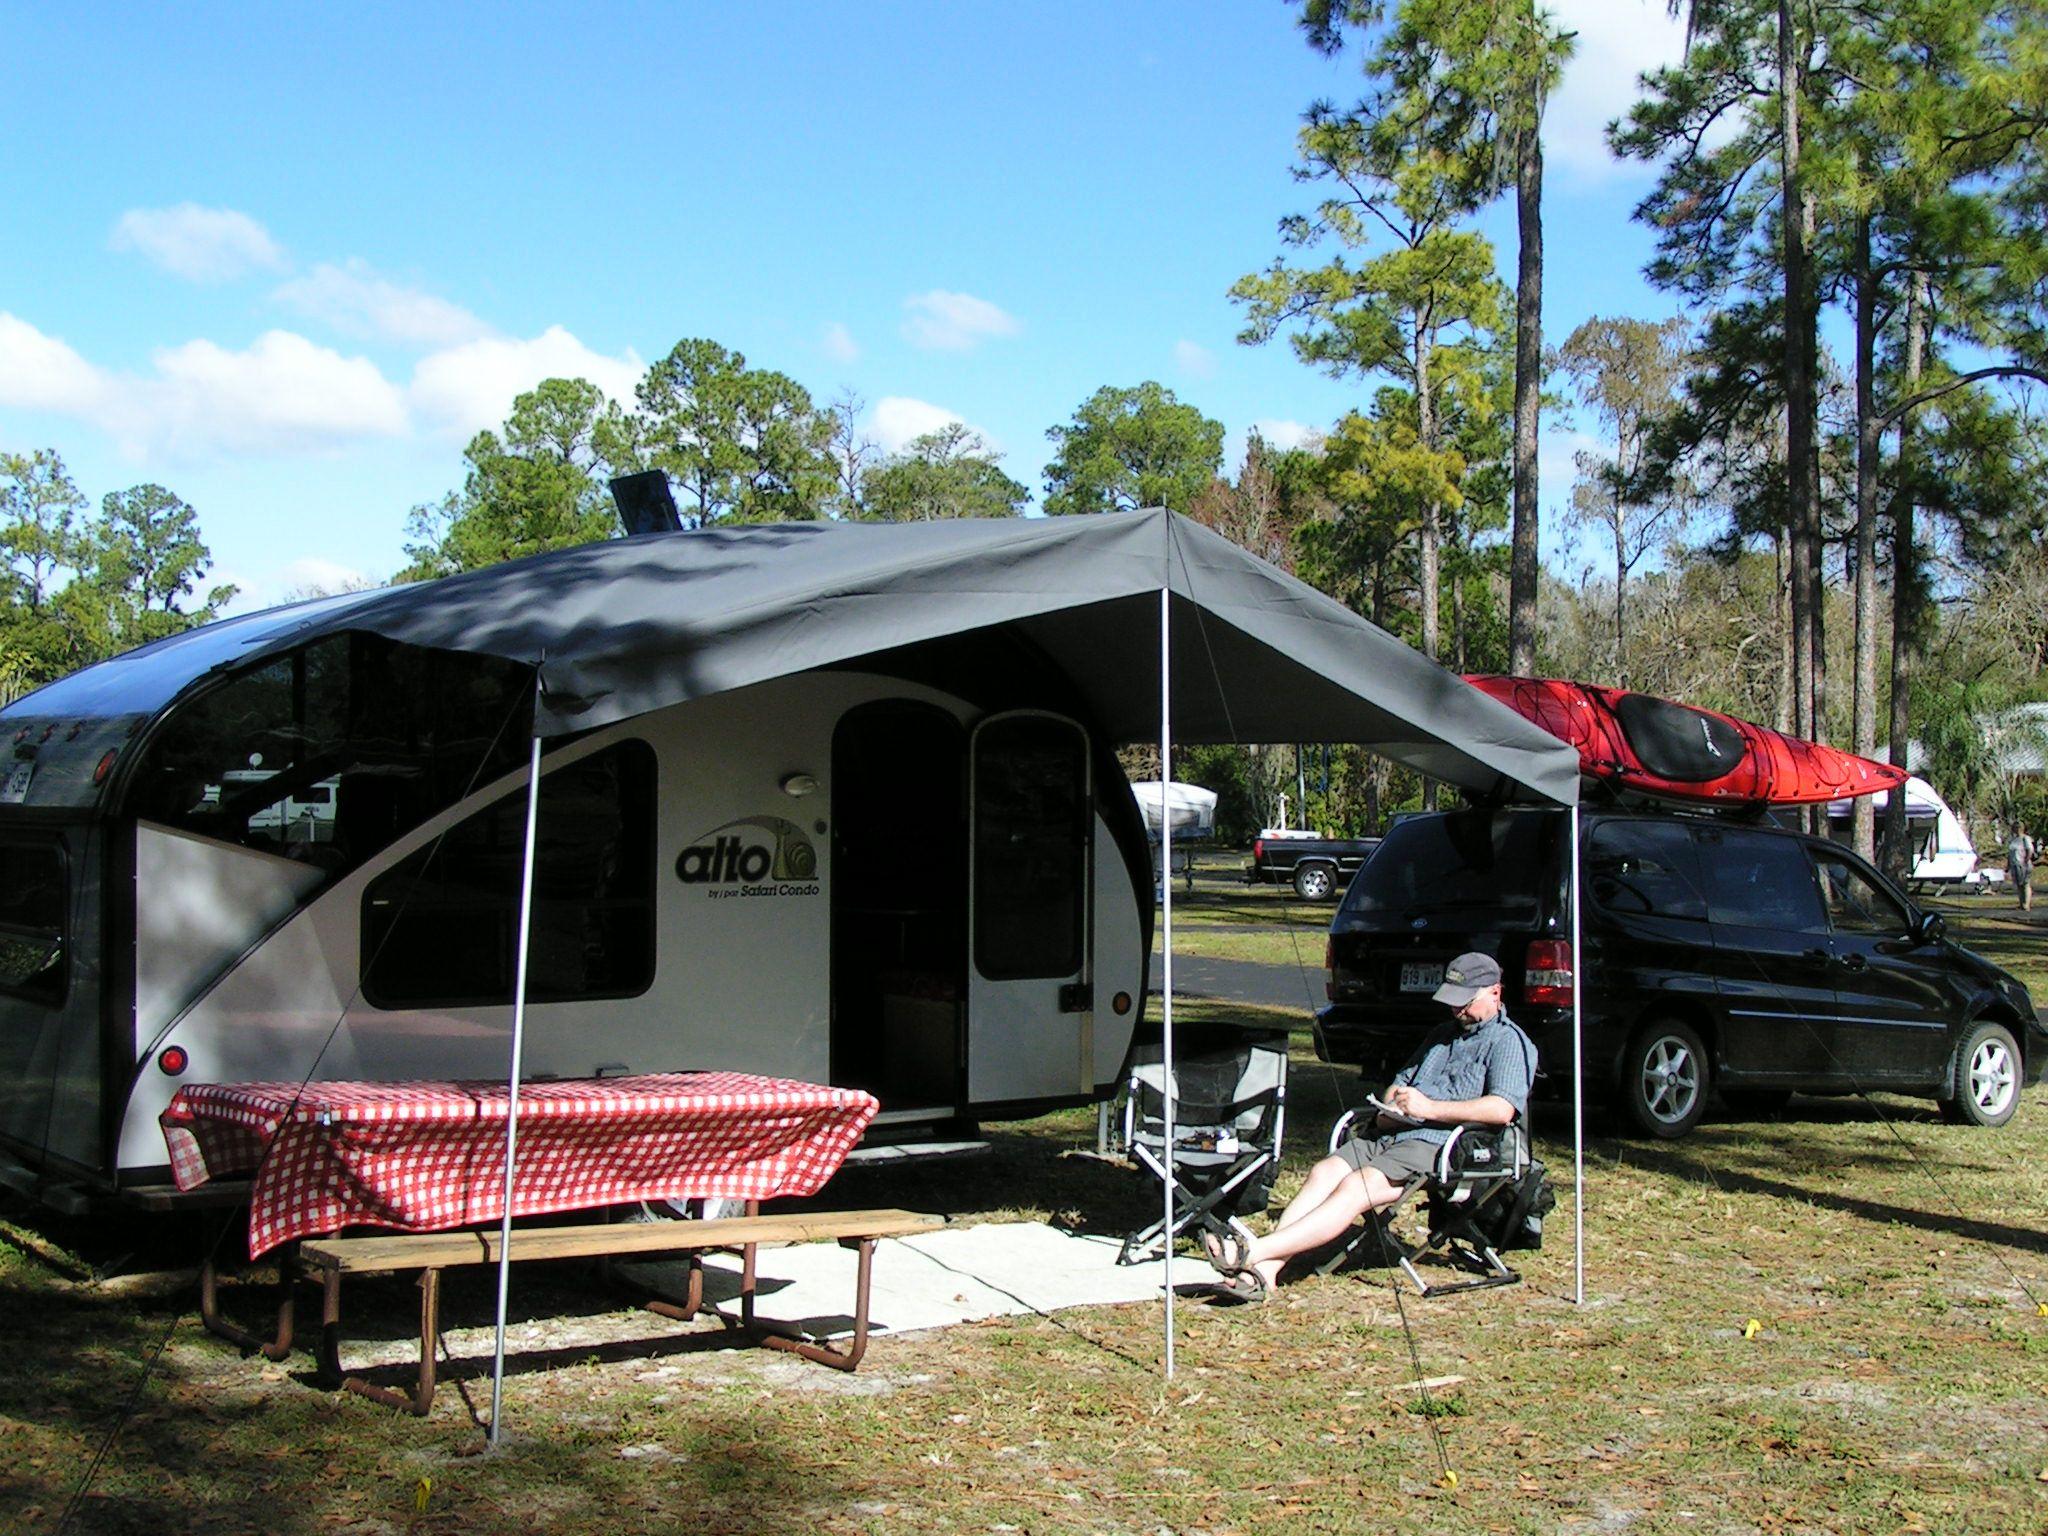 Les Plus Belles Caravanes De Forains auvent amovible sur / removable awning on alto r1713/ r1723